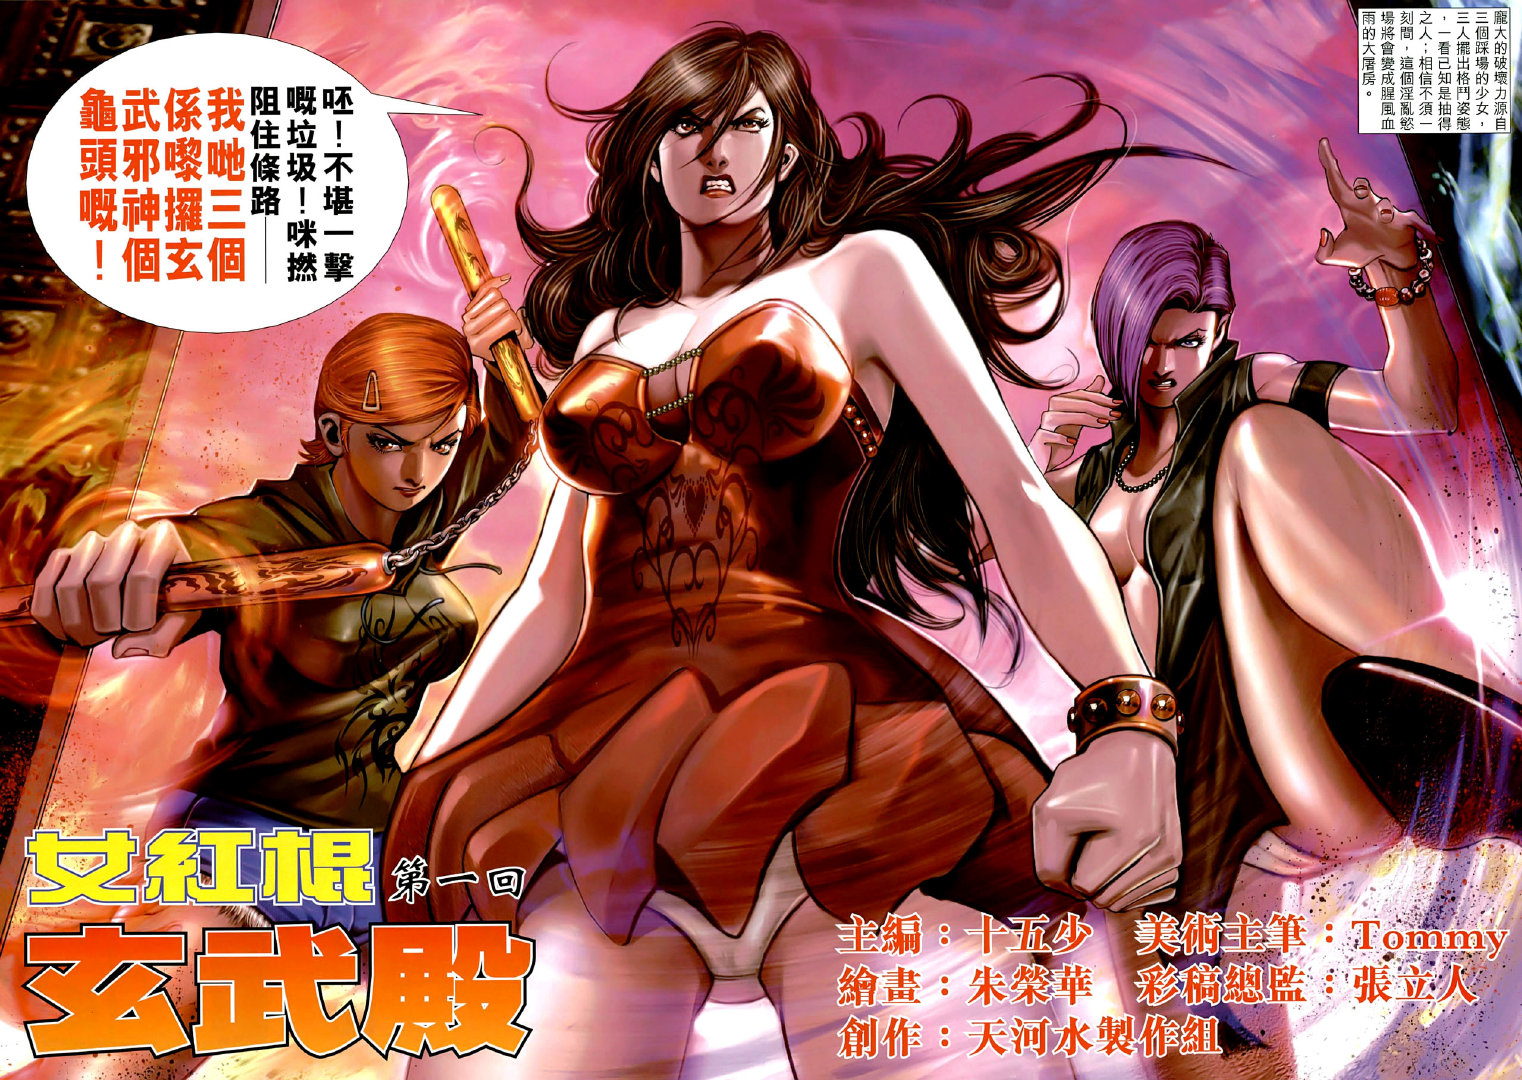 女红棍《女版龙虎门》漫画在线观看